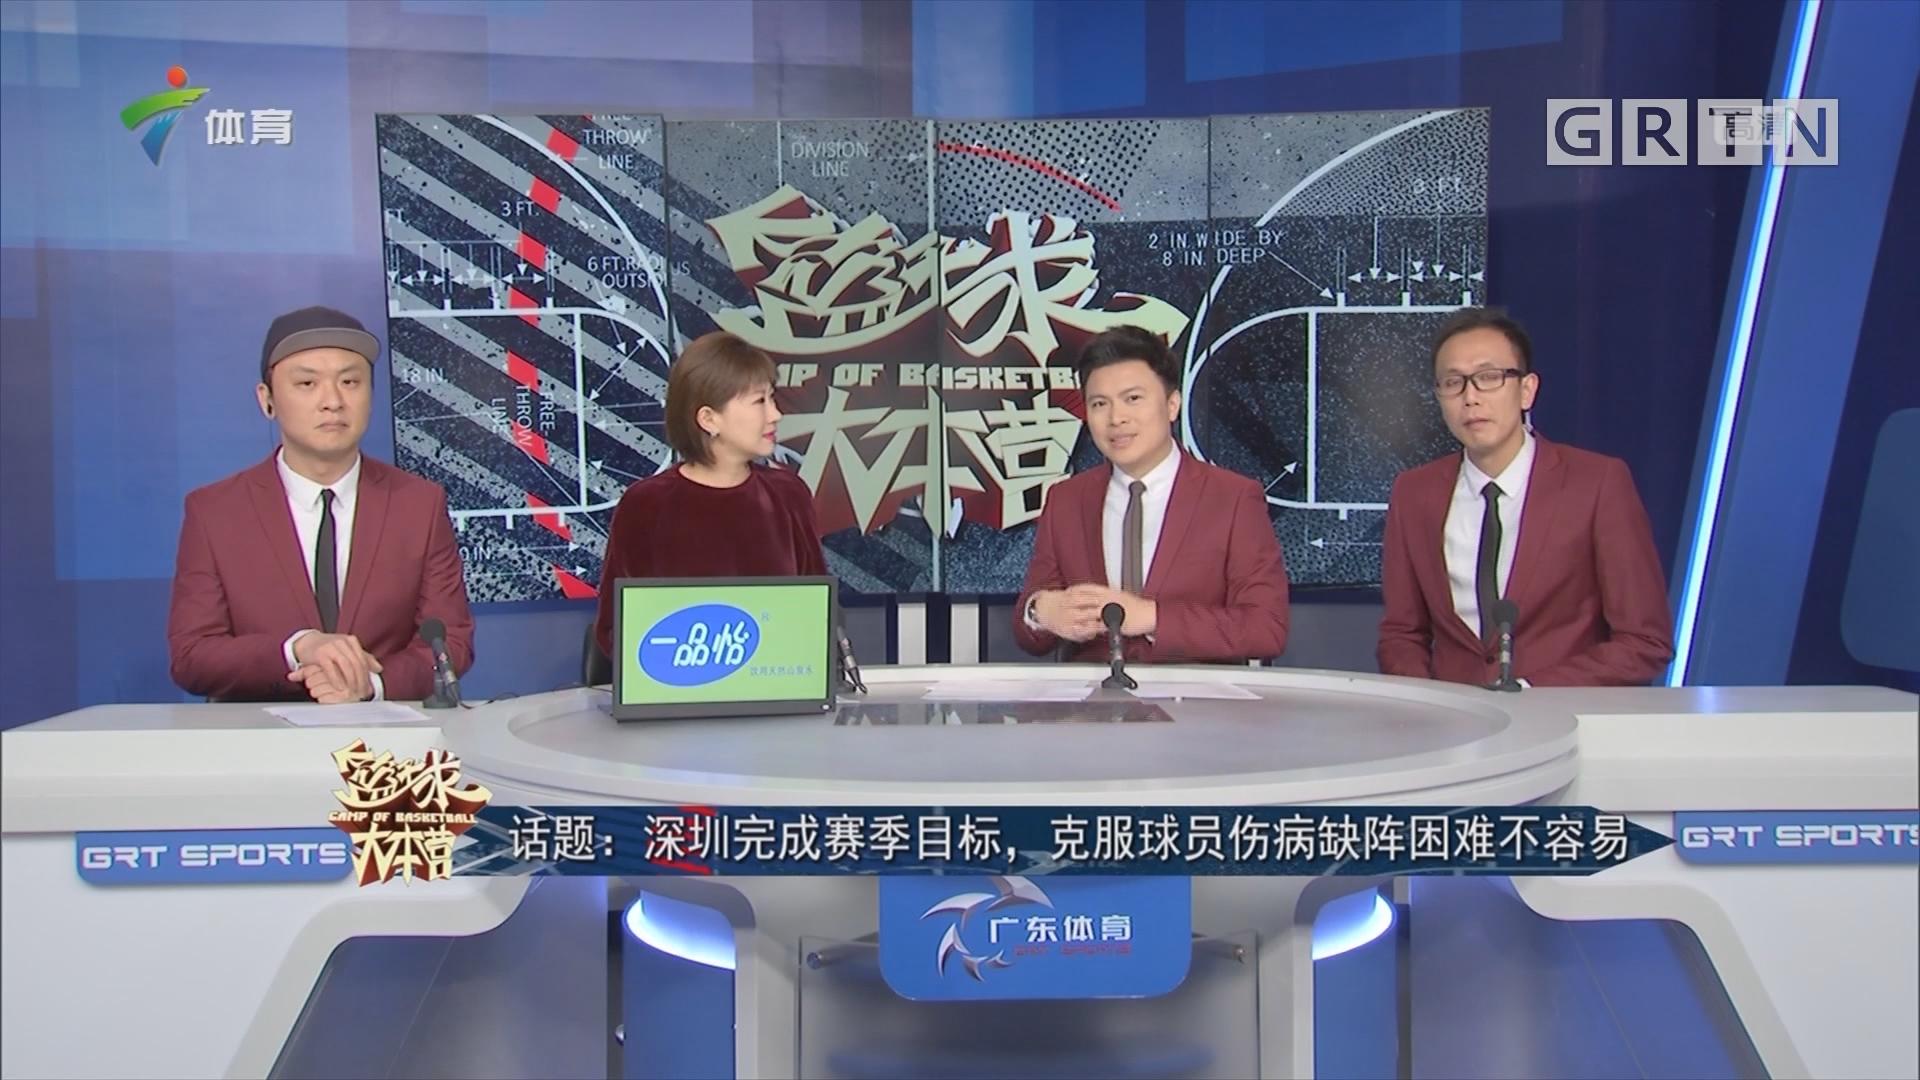 话题:深圳完成赛季目标,克服球员伤病缺阵困难不容易